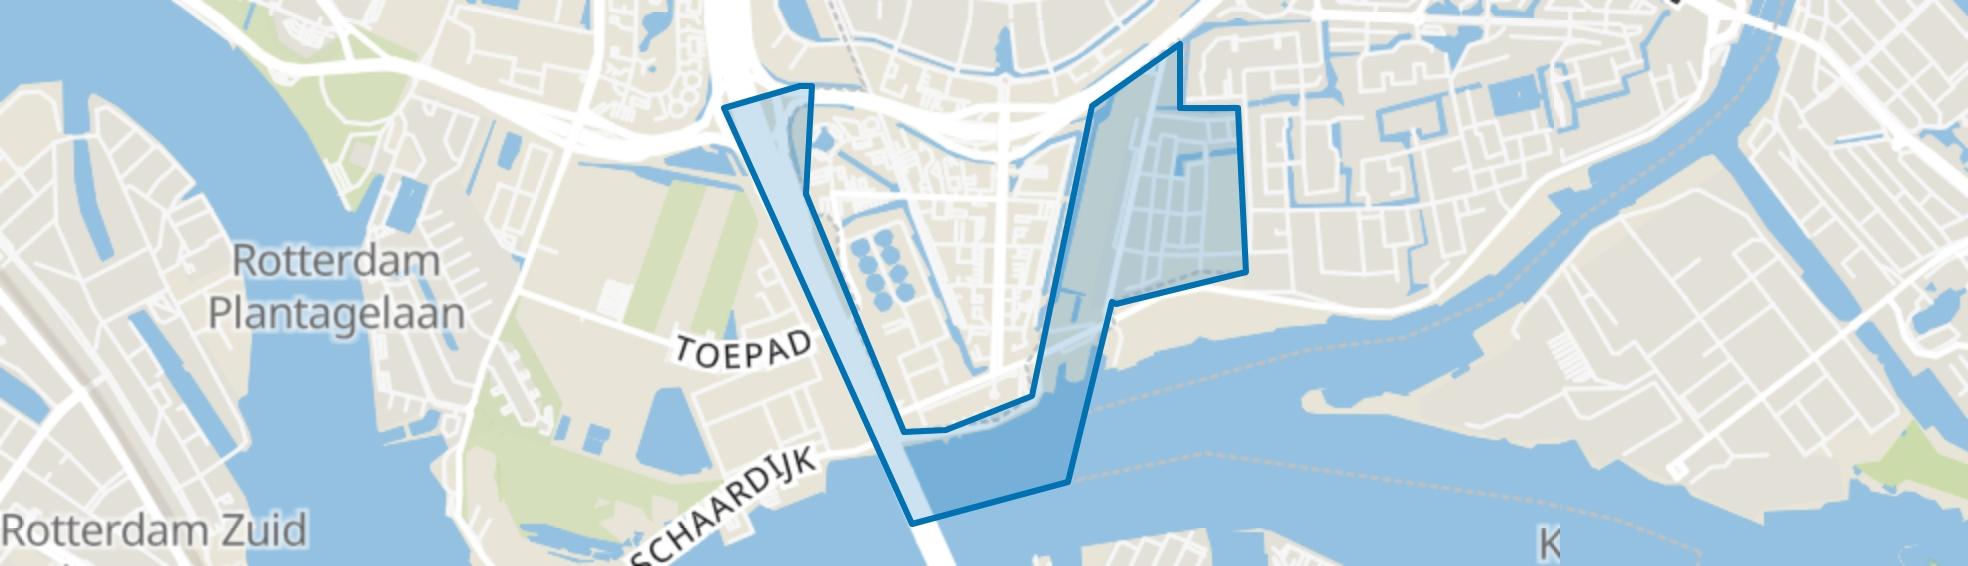 Kralingseveer, Rotterdam map